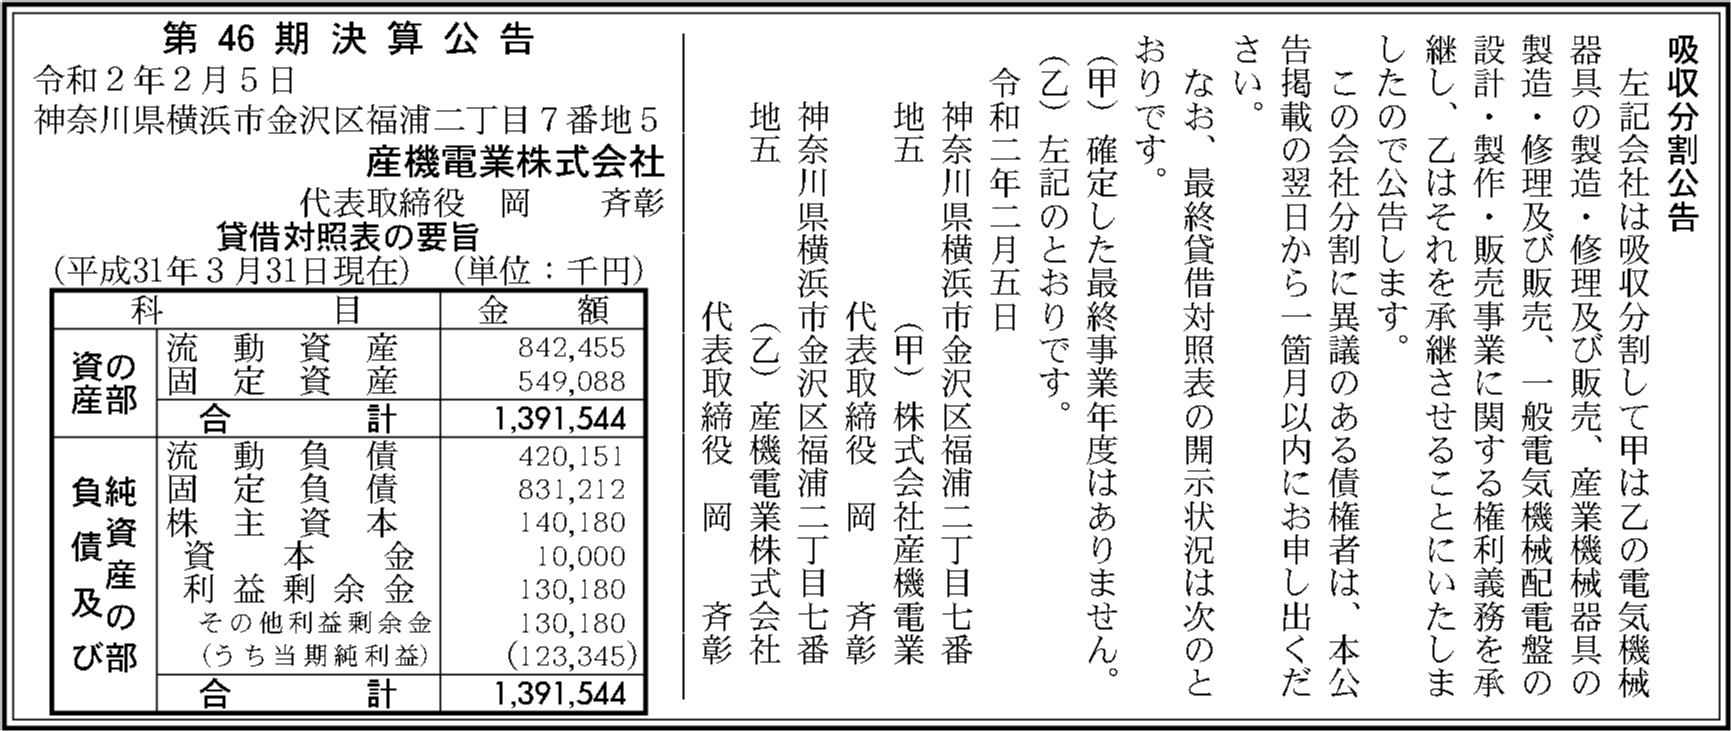 0093 6c11050c958fc6d40919413bd401e6c0507fe2304fa358d41a91aacad514ed07d84b4a0a08b975a5fbb3ee1bc6a9f3fcec1cf40b81ee87583f05747ae7f48512 06